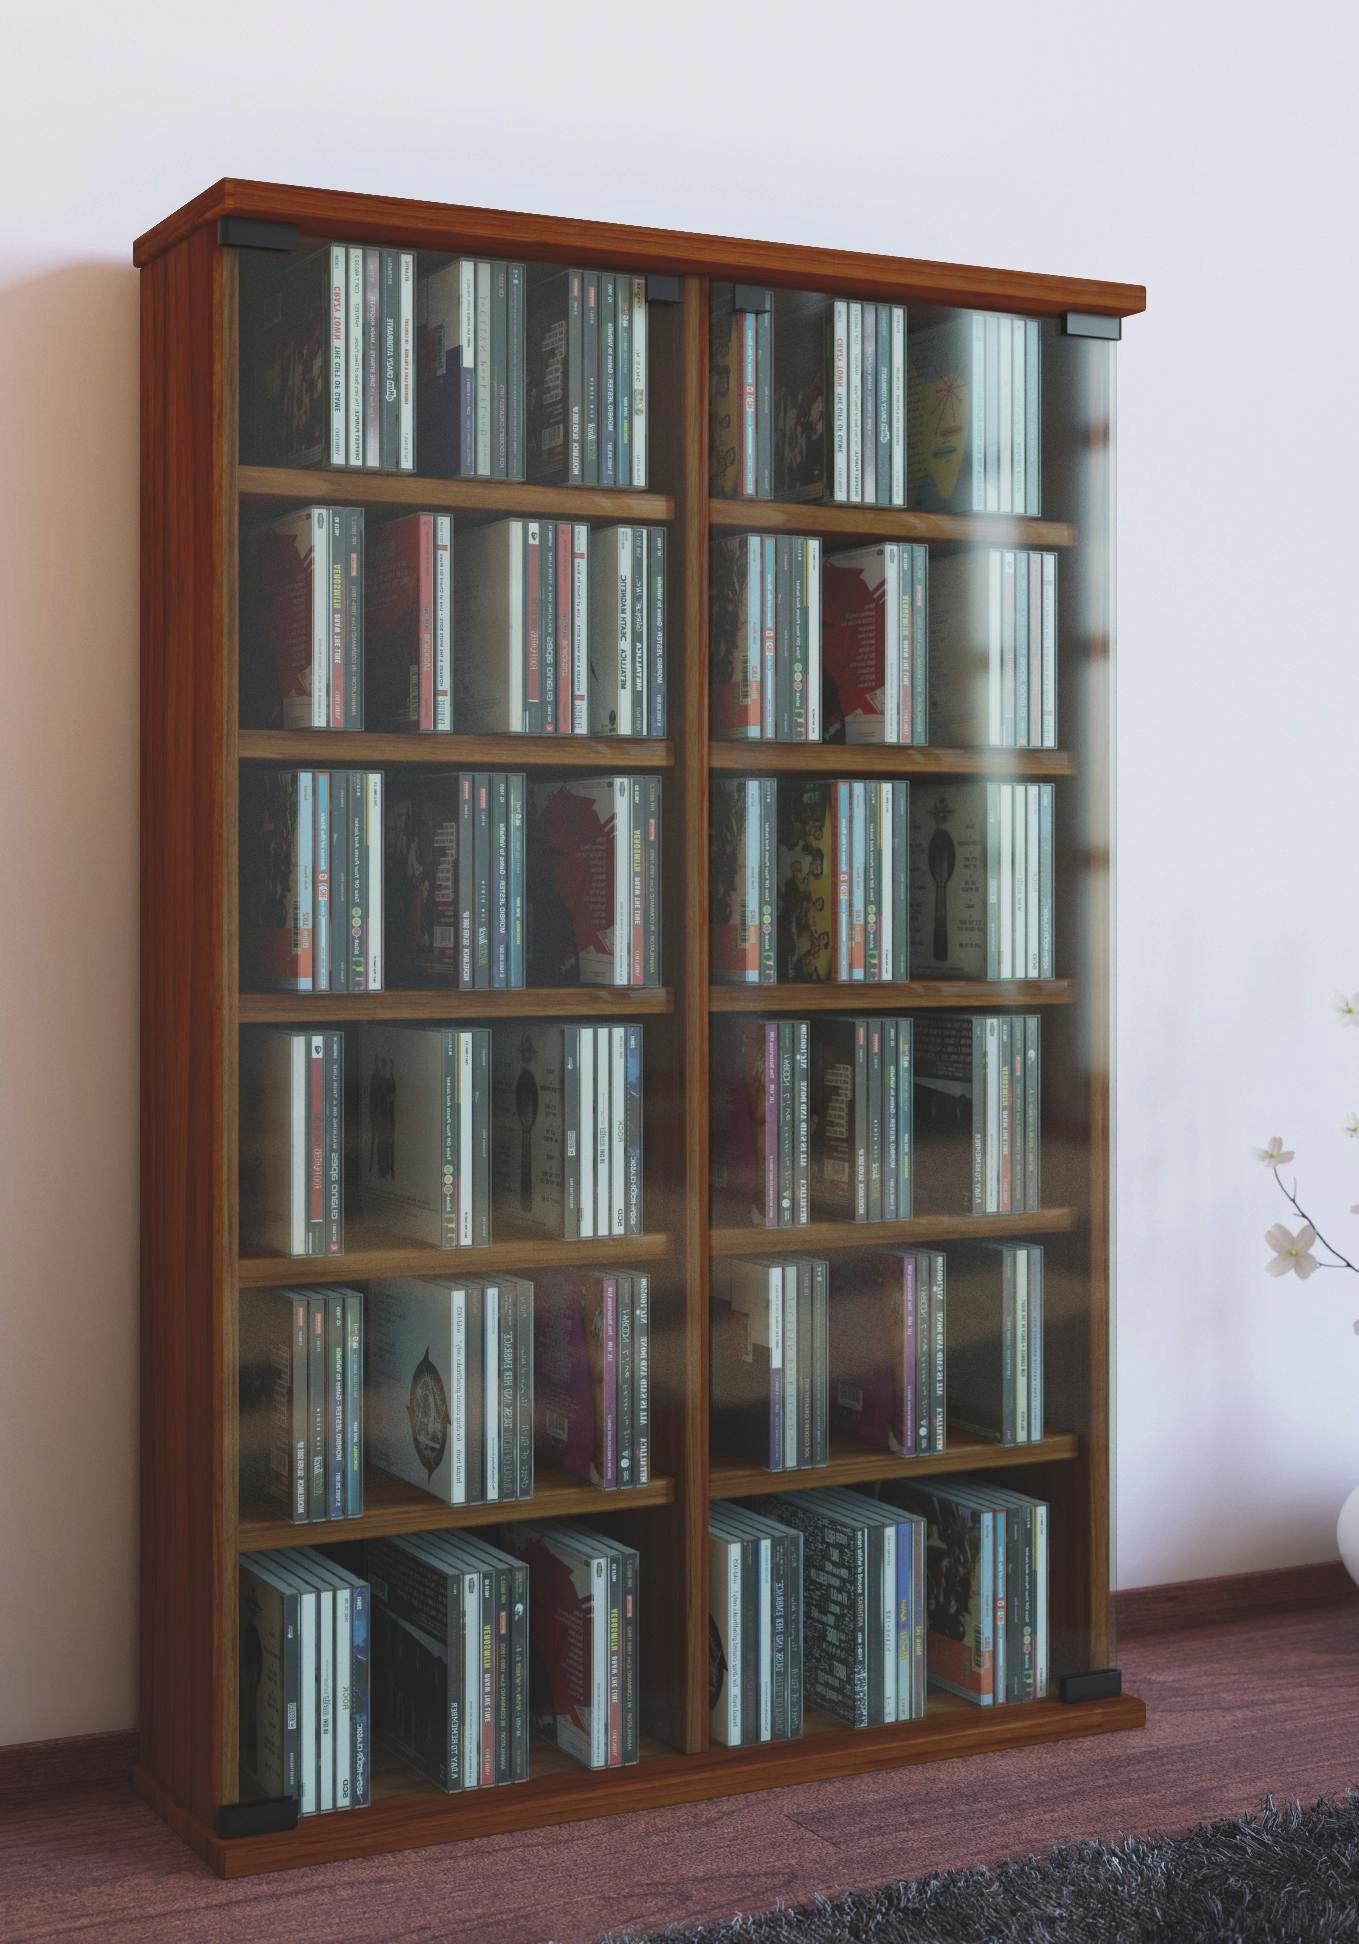 CD Regal in Kirschbaumfarben bei uns erhältlich